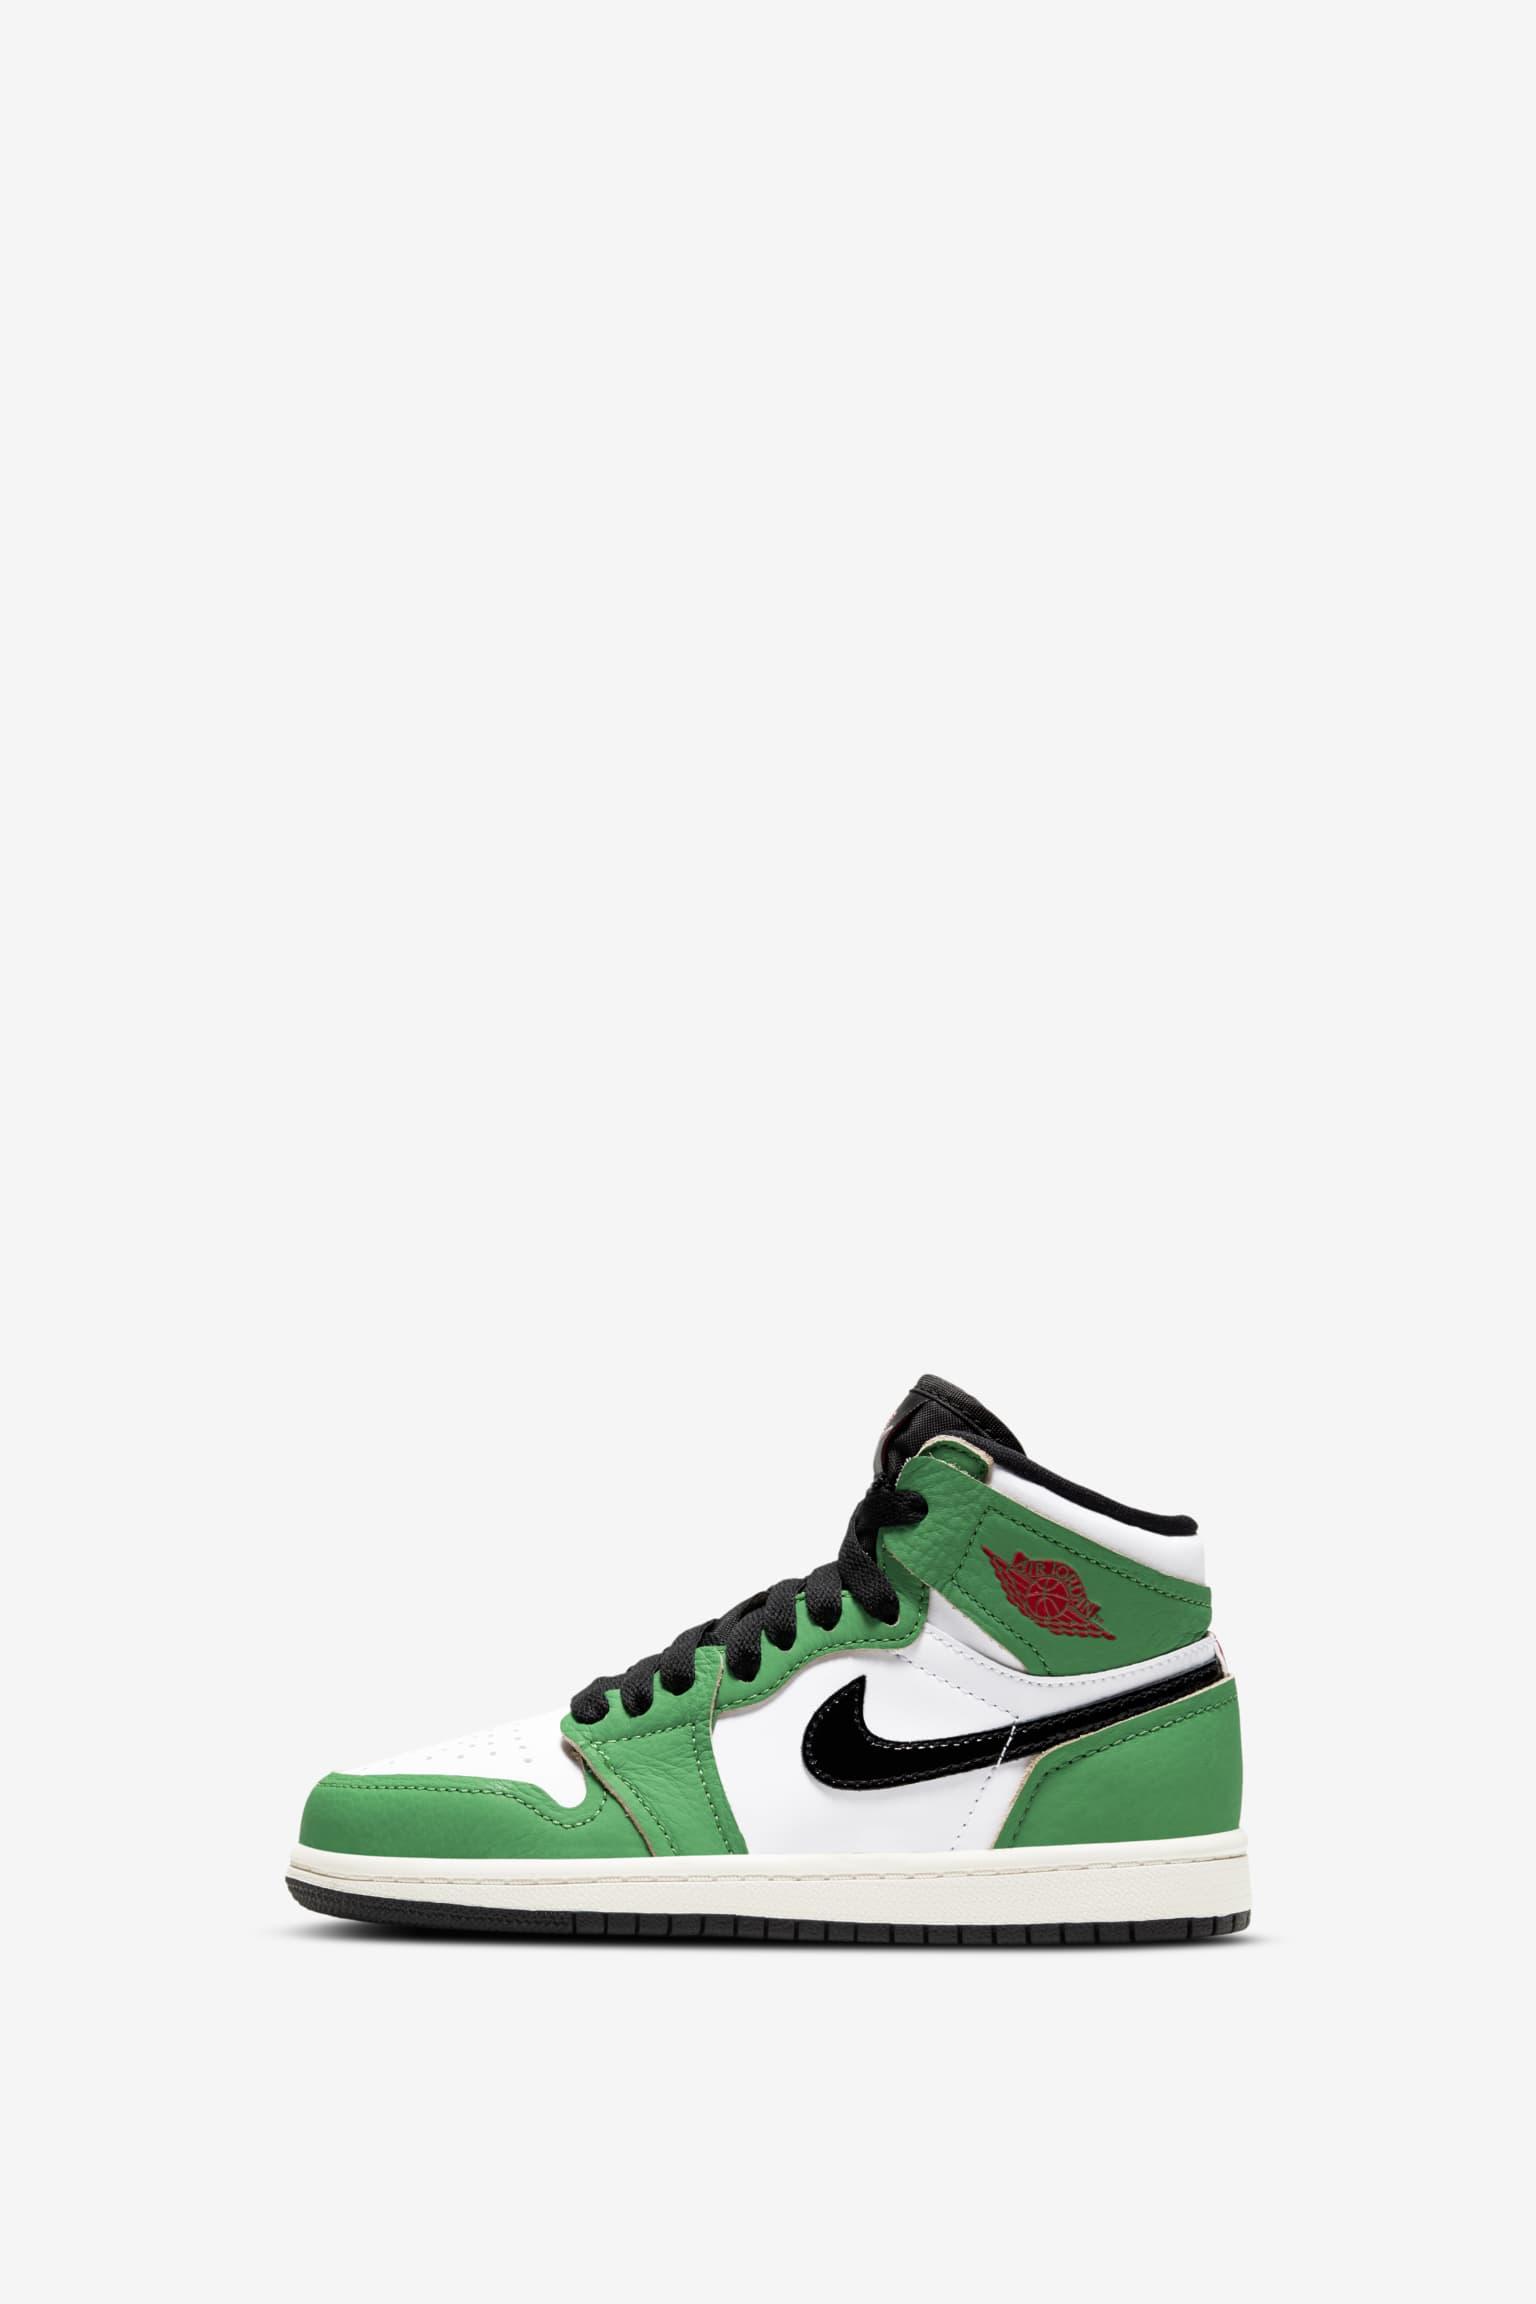 Womens Air Jordan 1 'Lucky Green